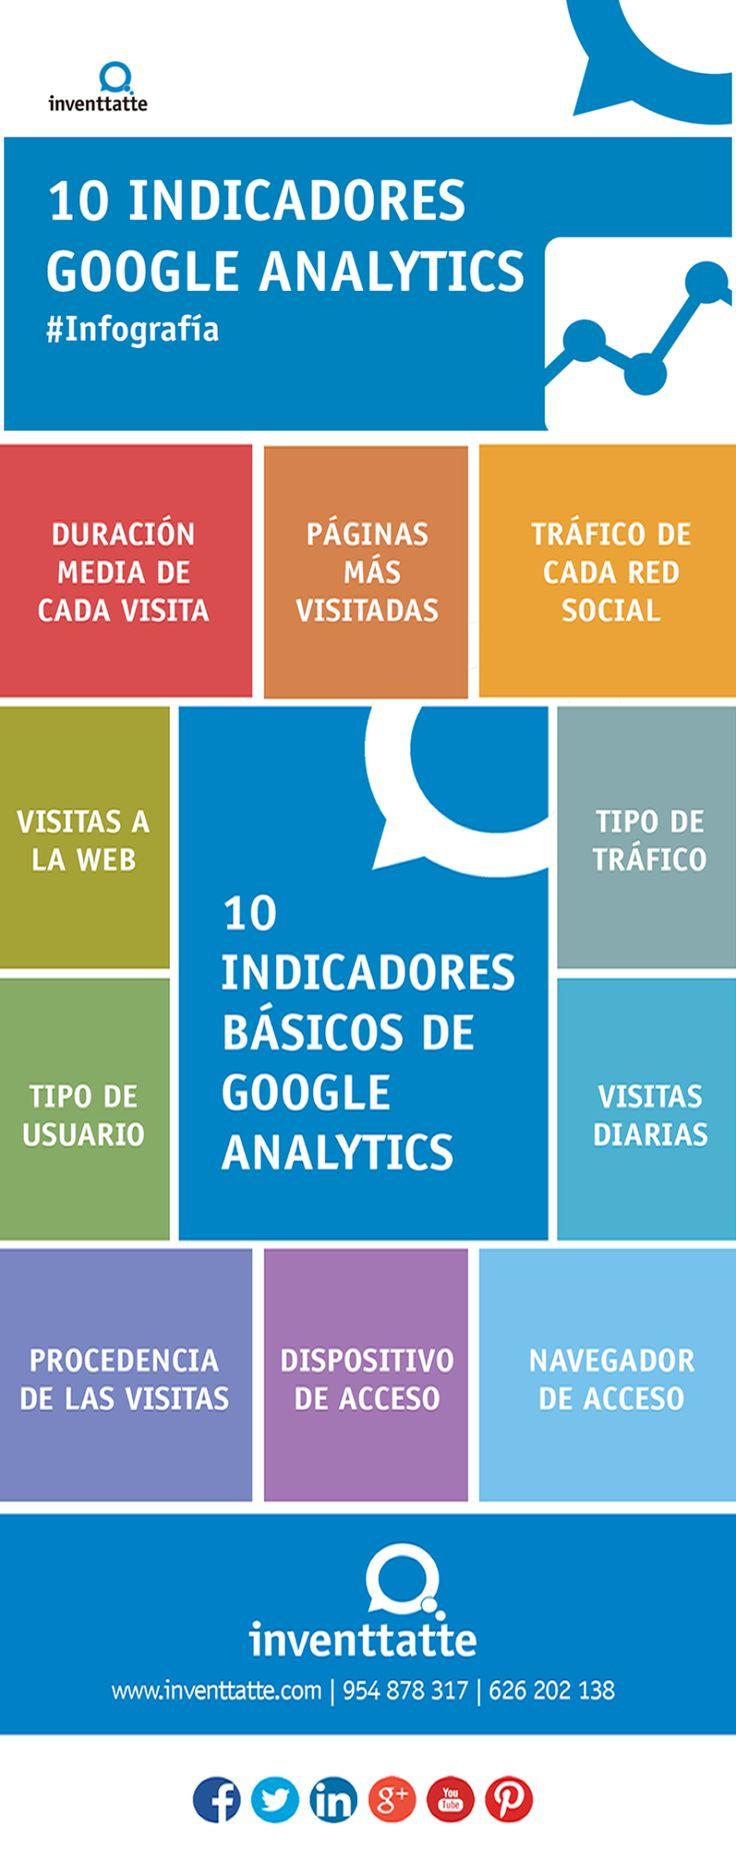 10 indicadores básicos de Google Analytics